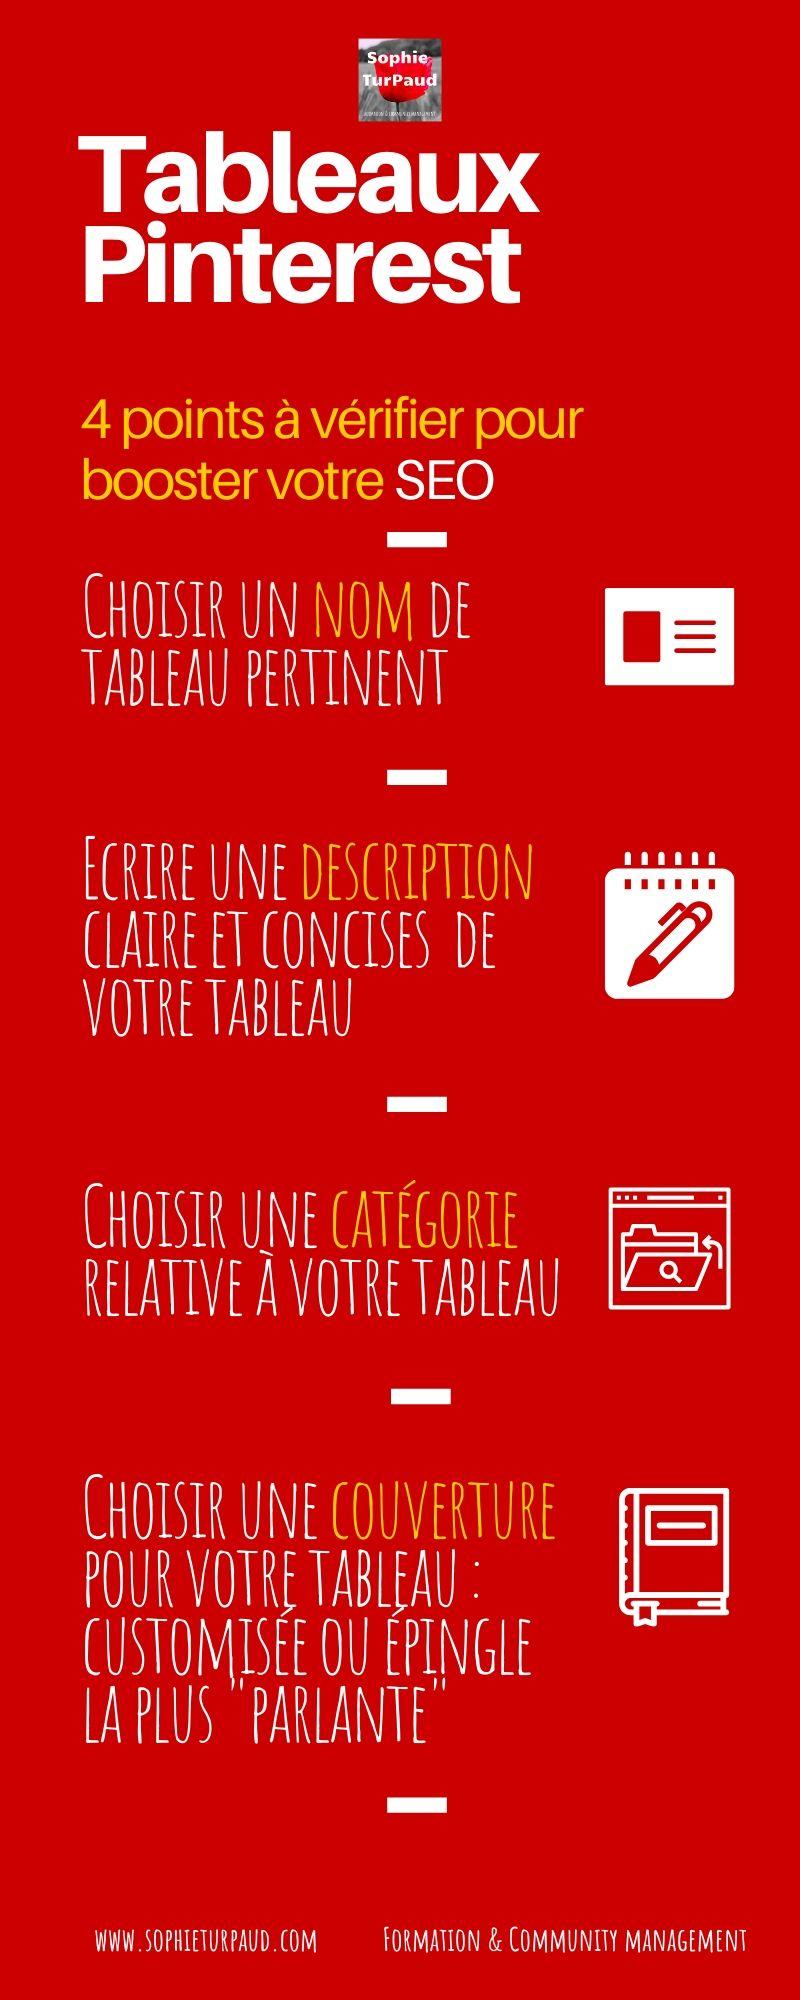 Infographie _ Tableaux Pinterest _ 4 points à vérifier pour booster votre SEO via @sophieturpaud